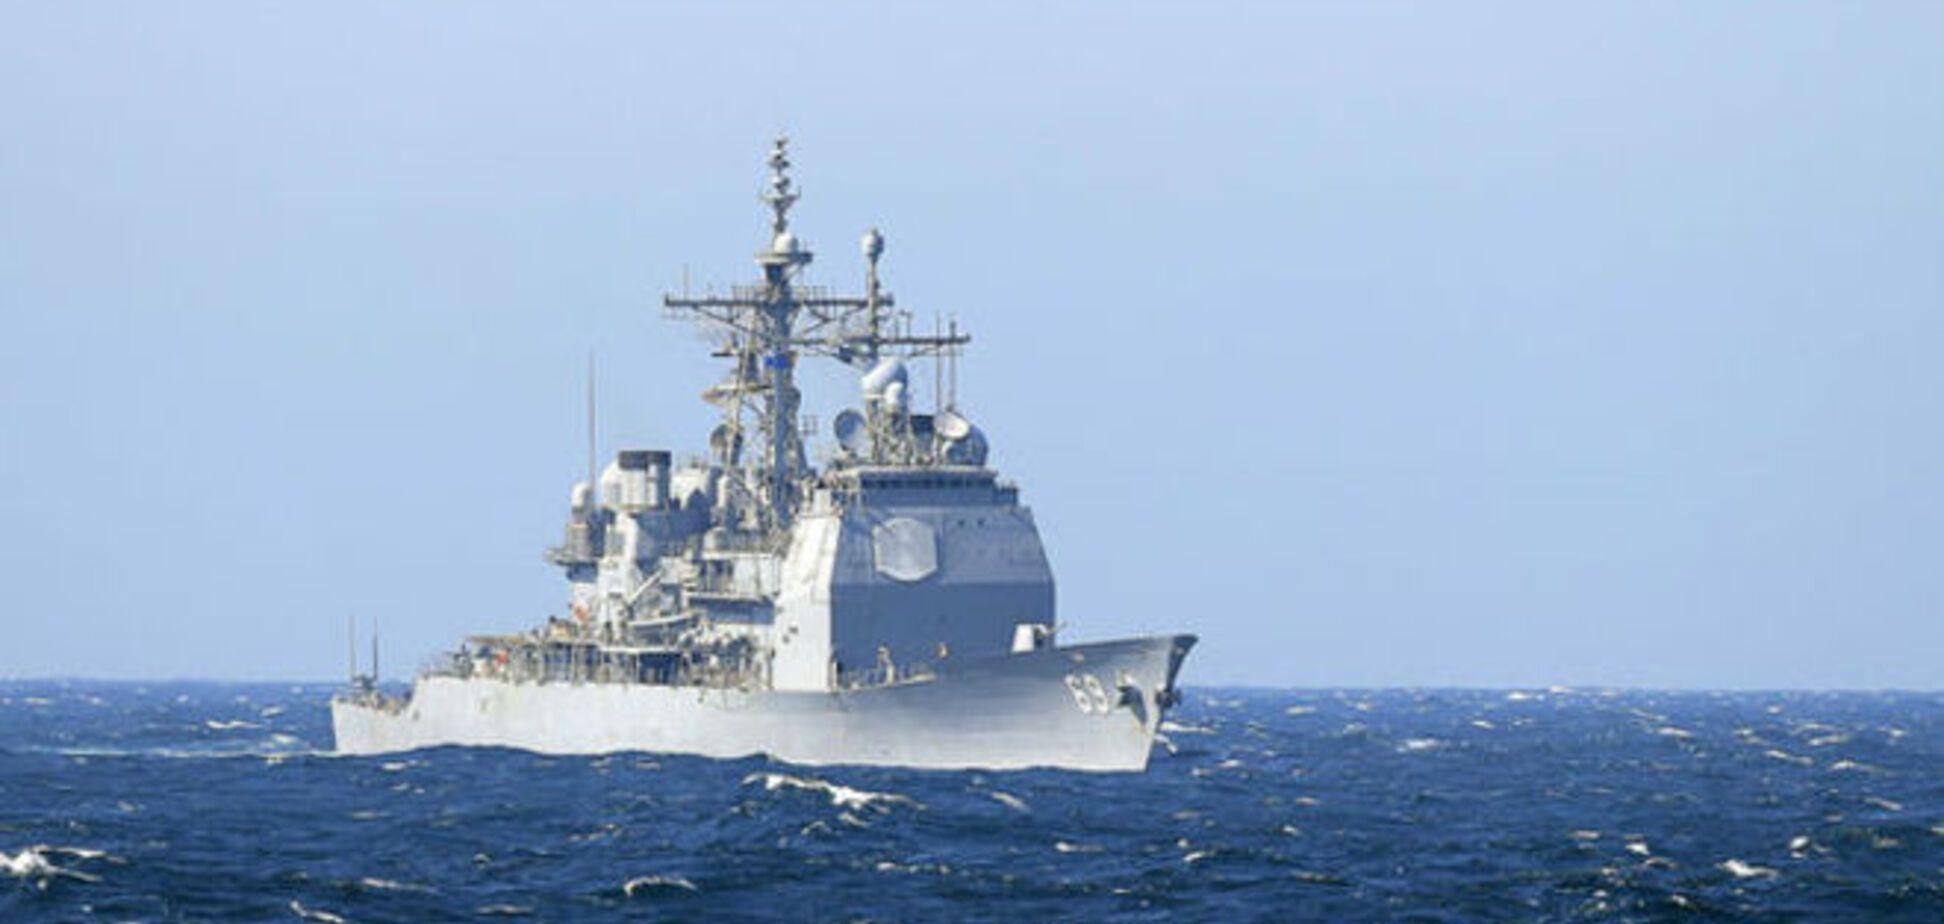 Шпионские страсти: после рейда кораблей России в Балтийском море нашли загадочные провода